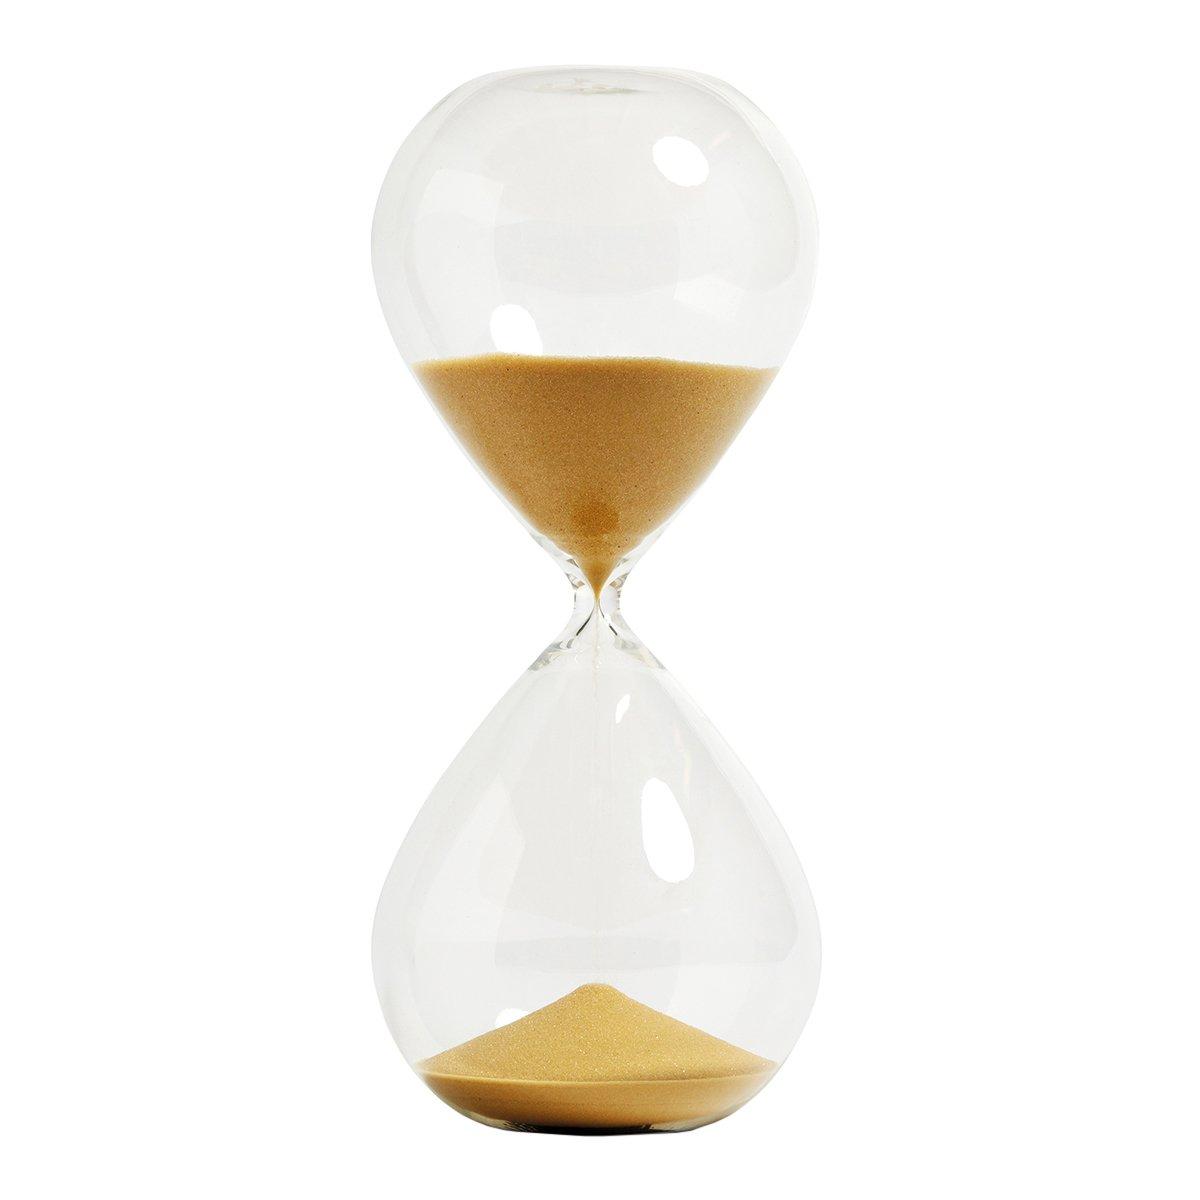 HAY Time Round XXXL Zandloper - Goud